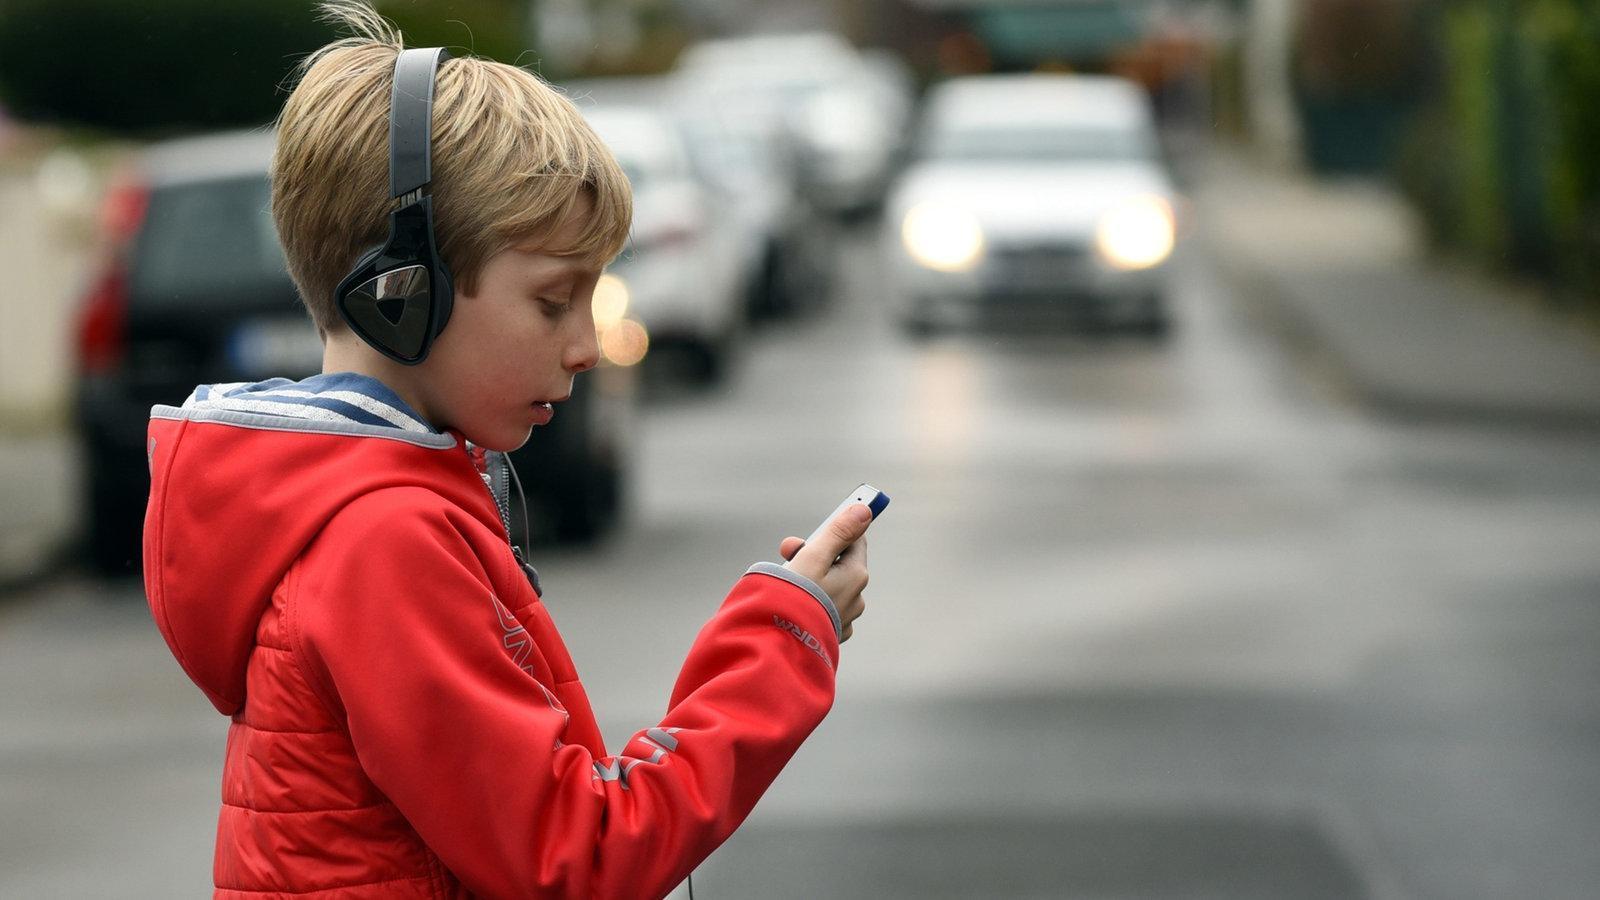 Дети стали чаще гибнуть на дорогах Вологодчины